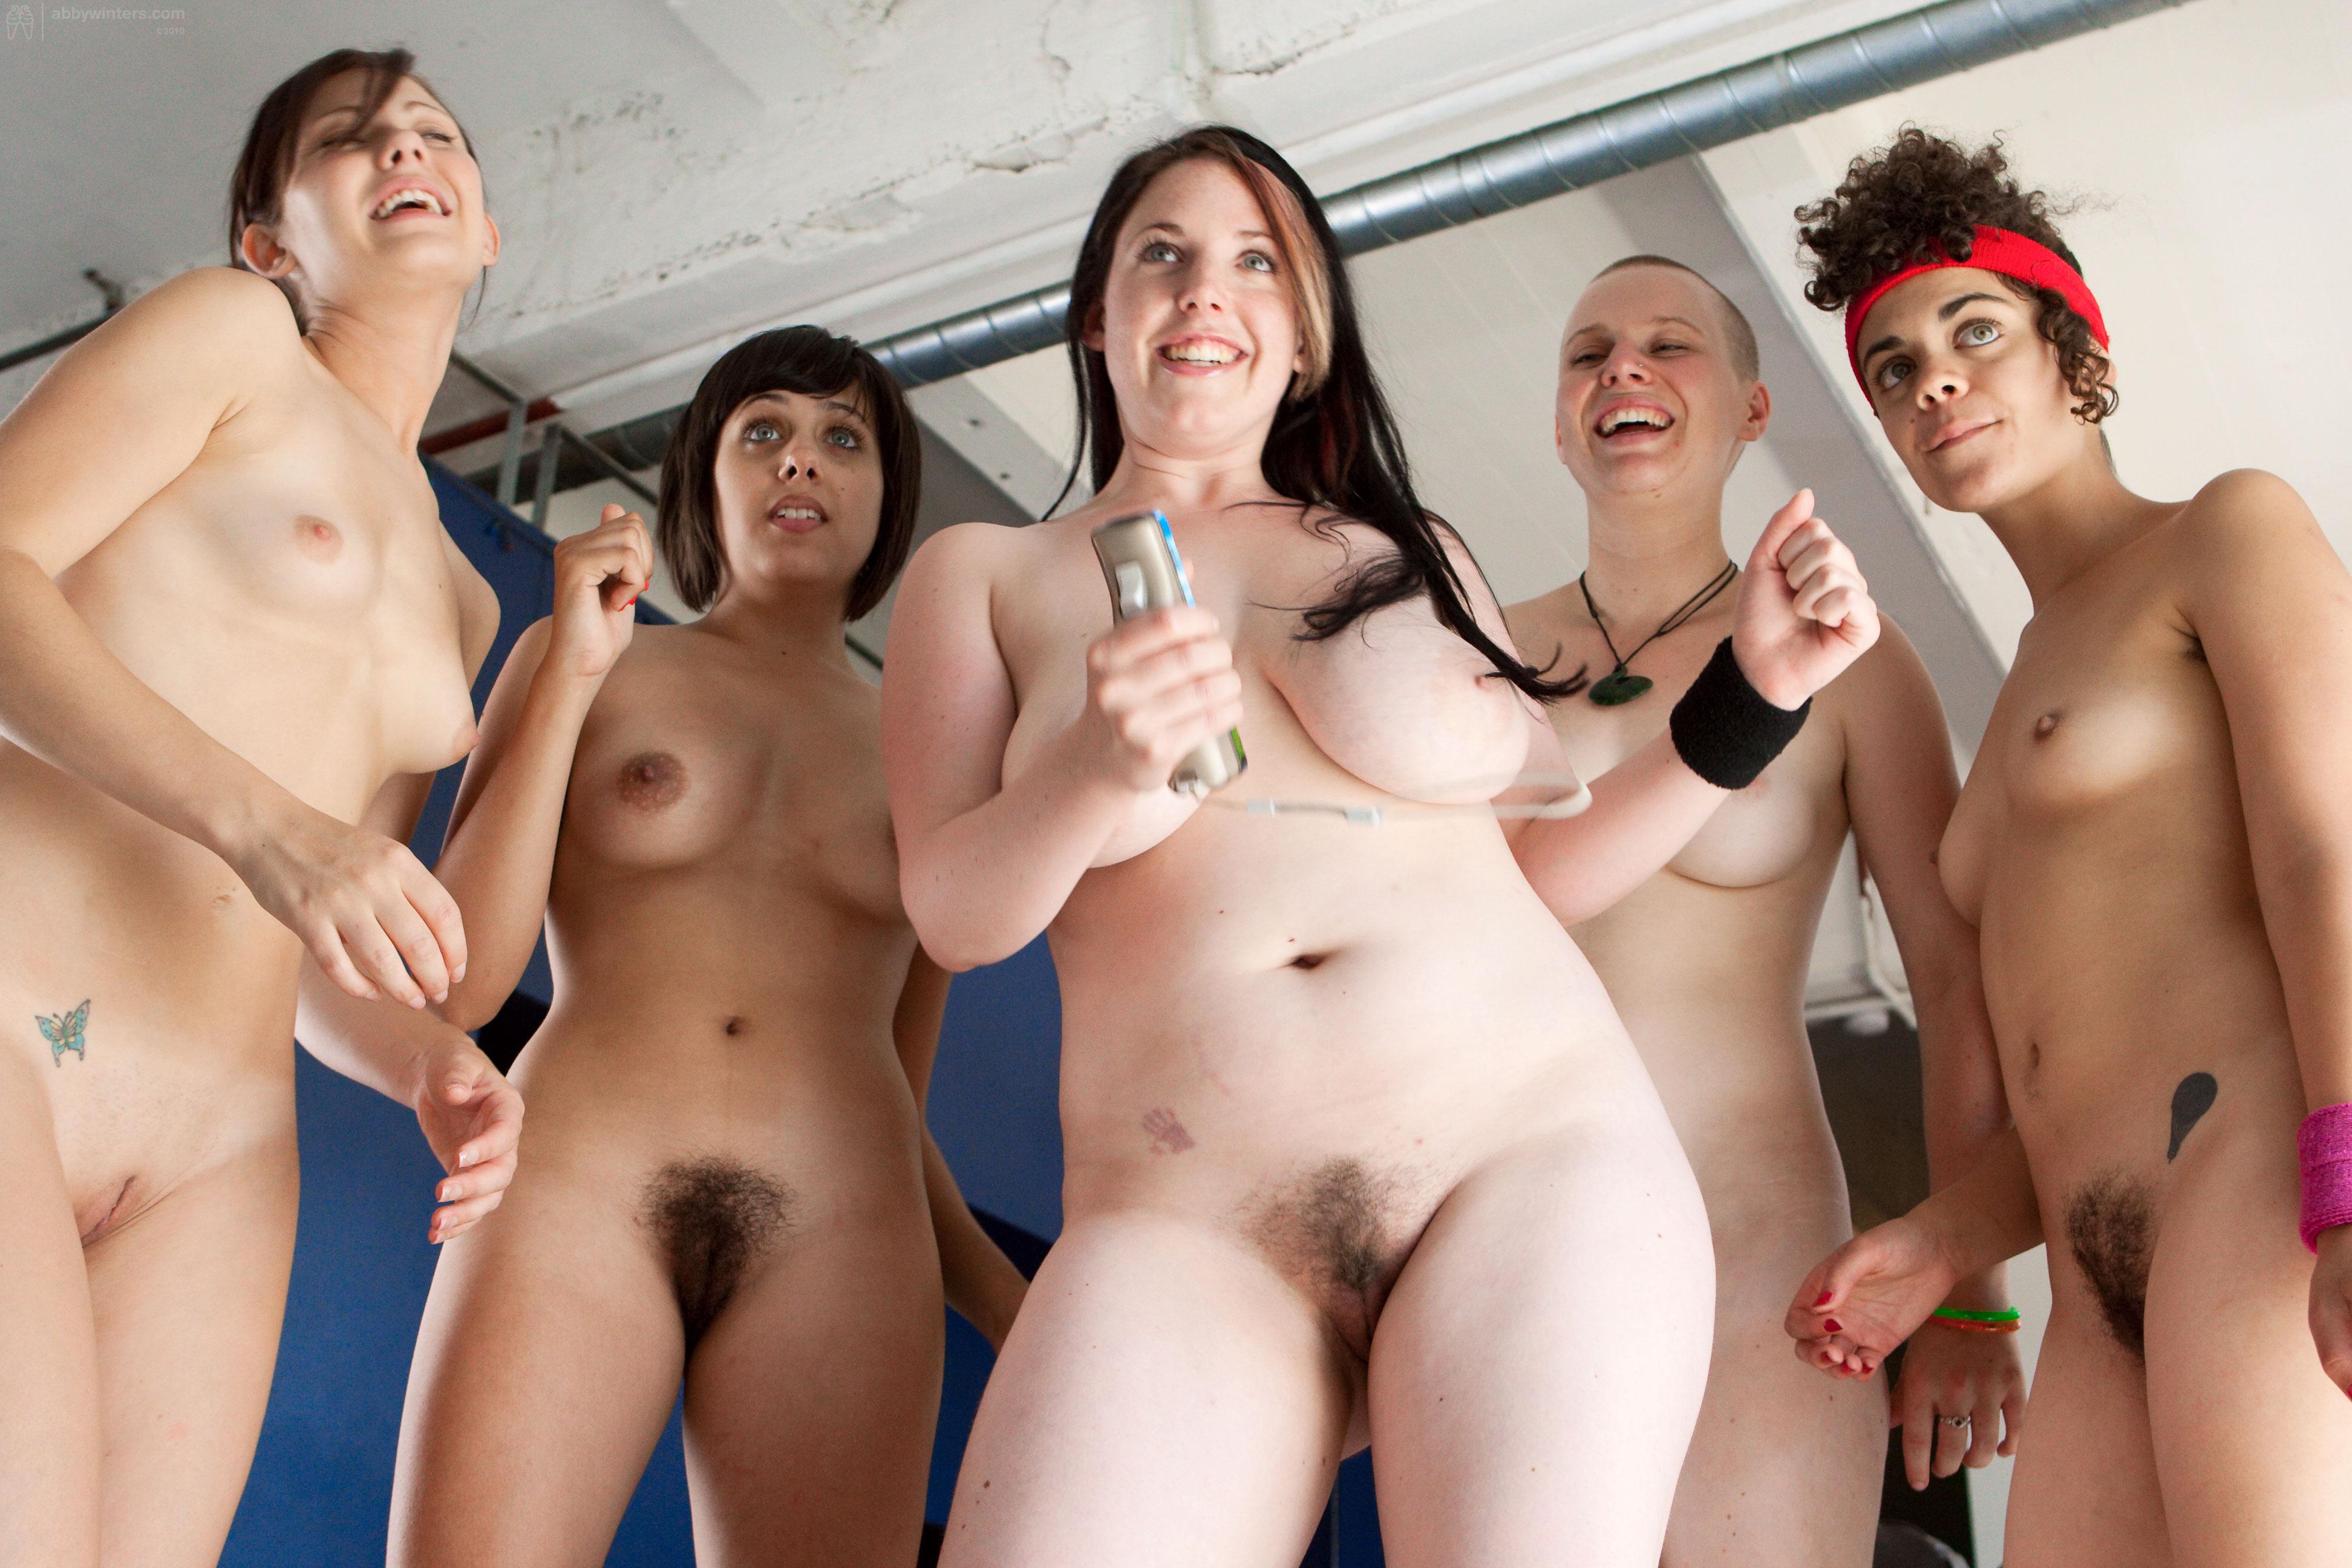 Смотреть групповое порно с abby c 20 фотография